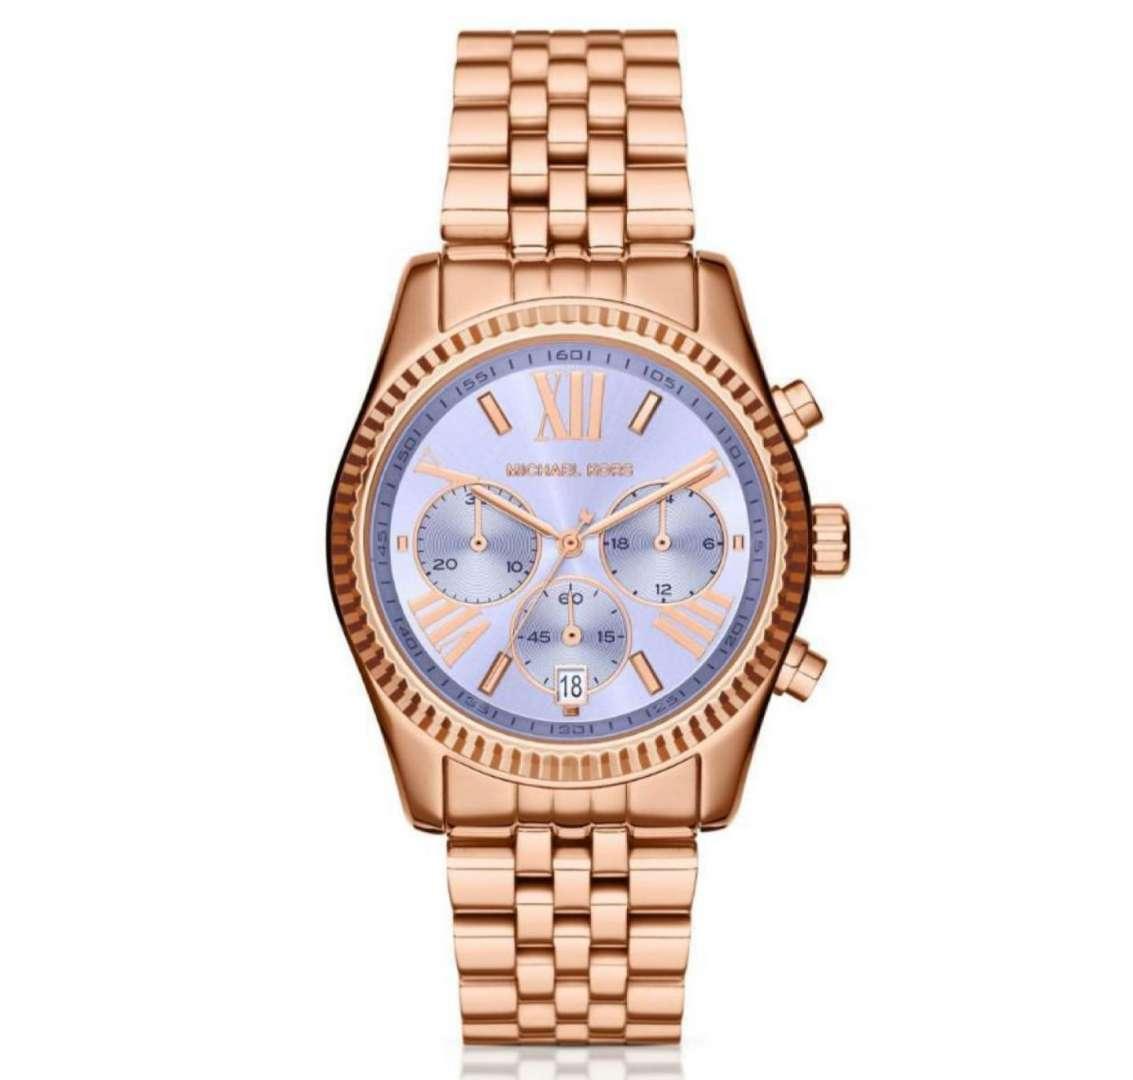 שעון יד אנלוגי לאישה michael kors mk6207 מייקל קורס